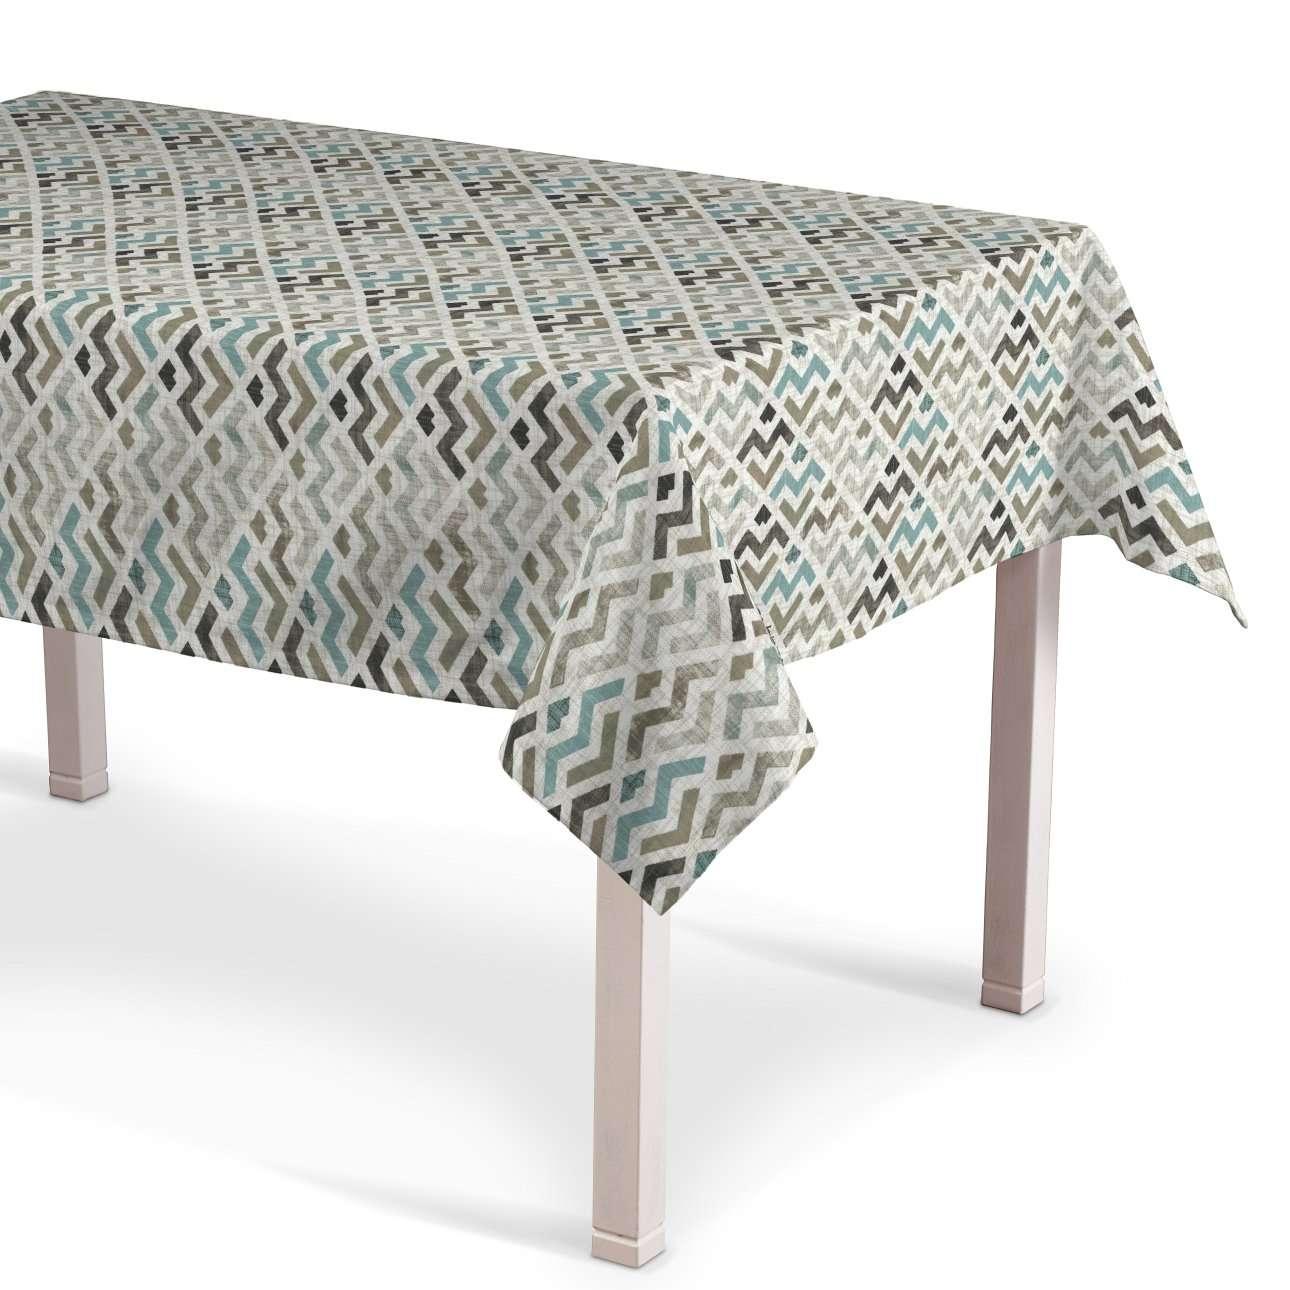 Rechteckige Tischdecke, blau-beige, 130 × 130 cm, Modern | Heimtextilien > Tischdecken und Co > Tischdecken | Muster | Stoff | Dekoria